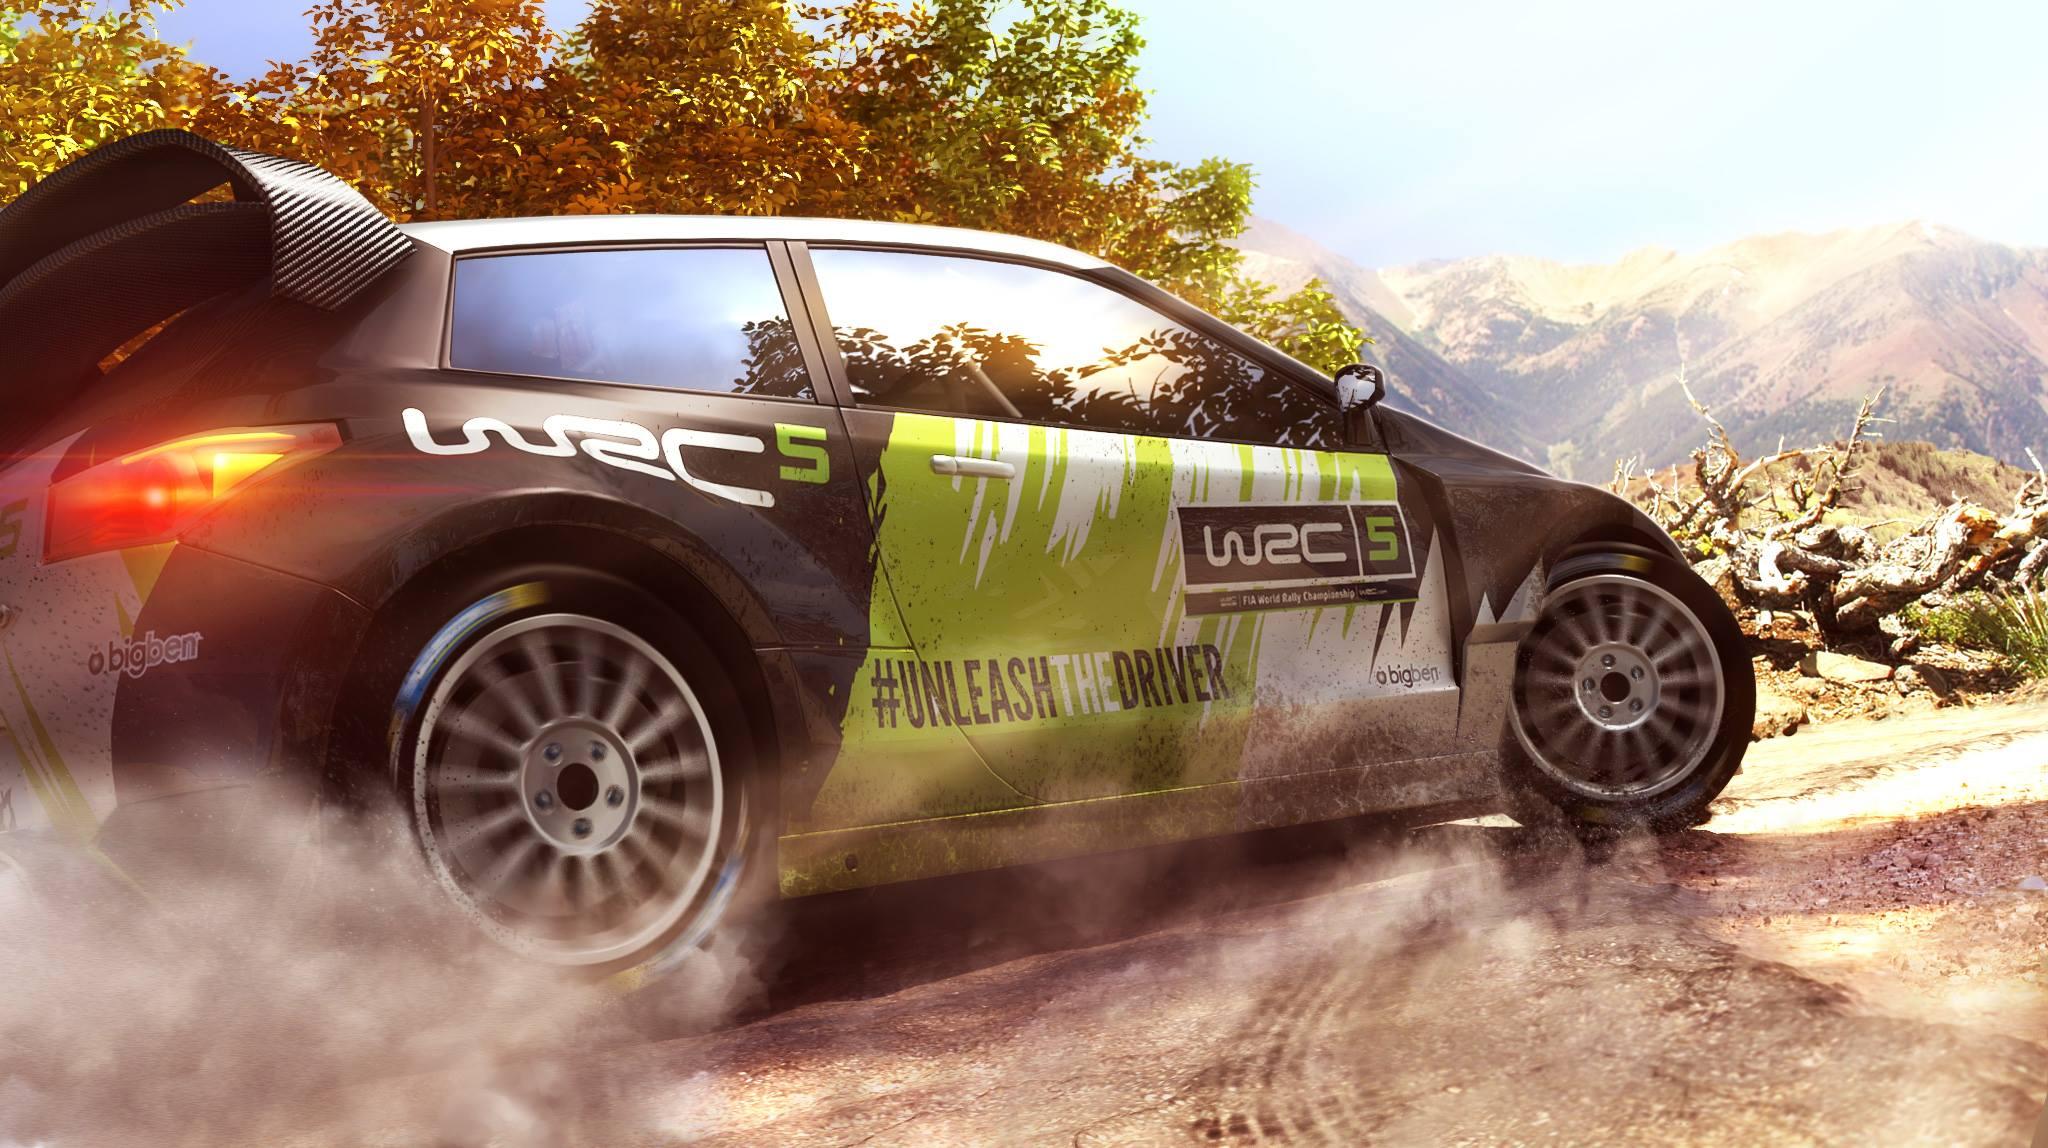 WRC 5 Release Dates Confirmed